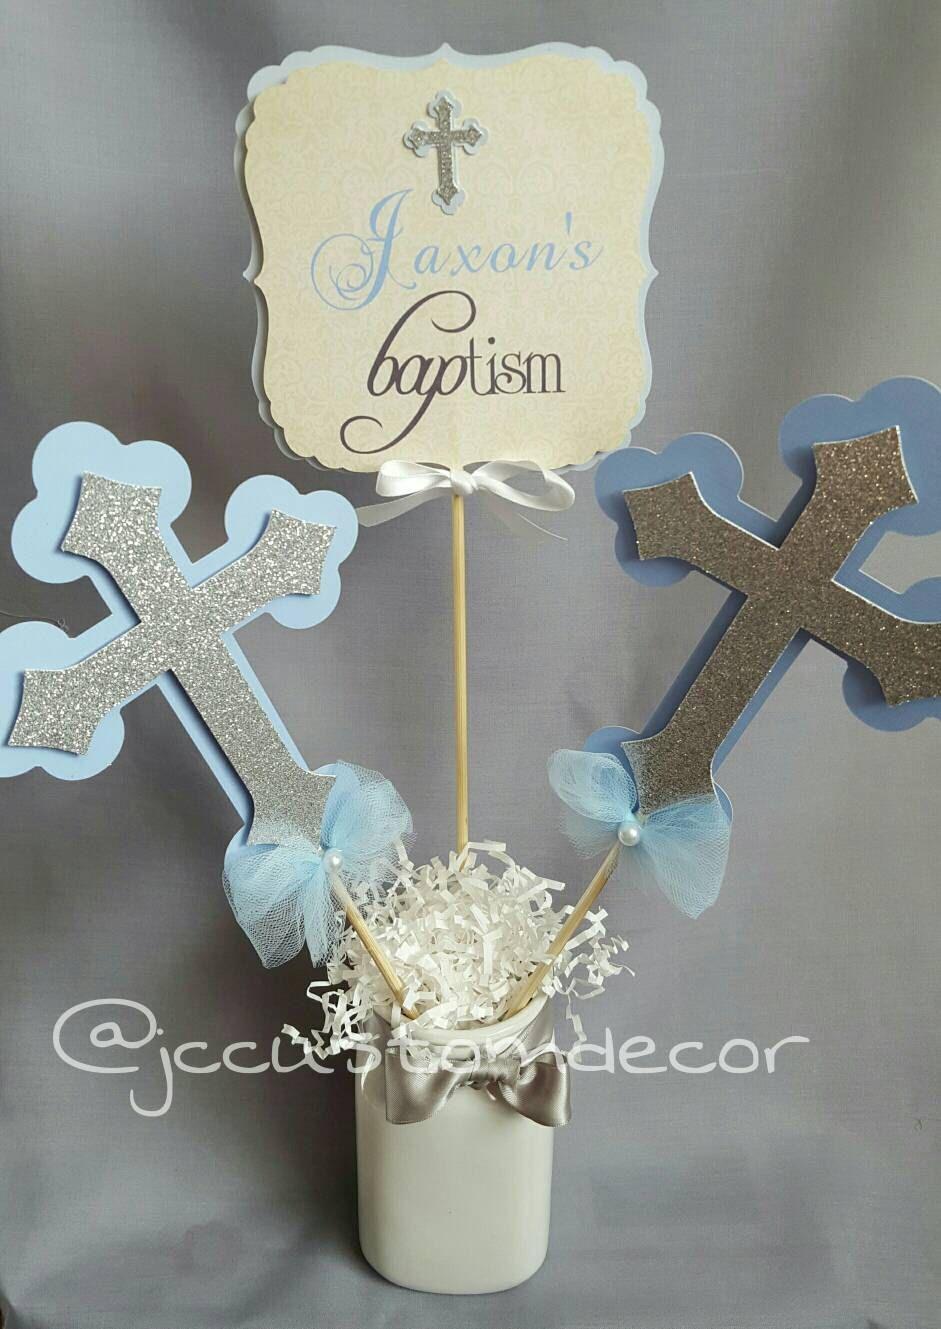 Baptism Boy Girl Centerpiece Communion By Jccustomdecor On